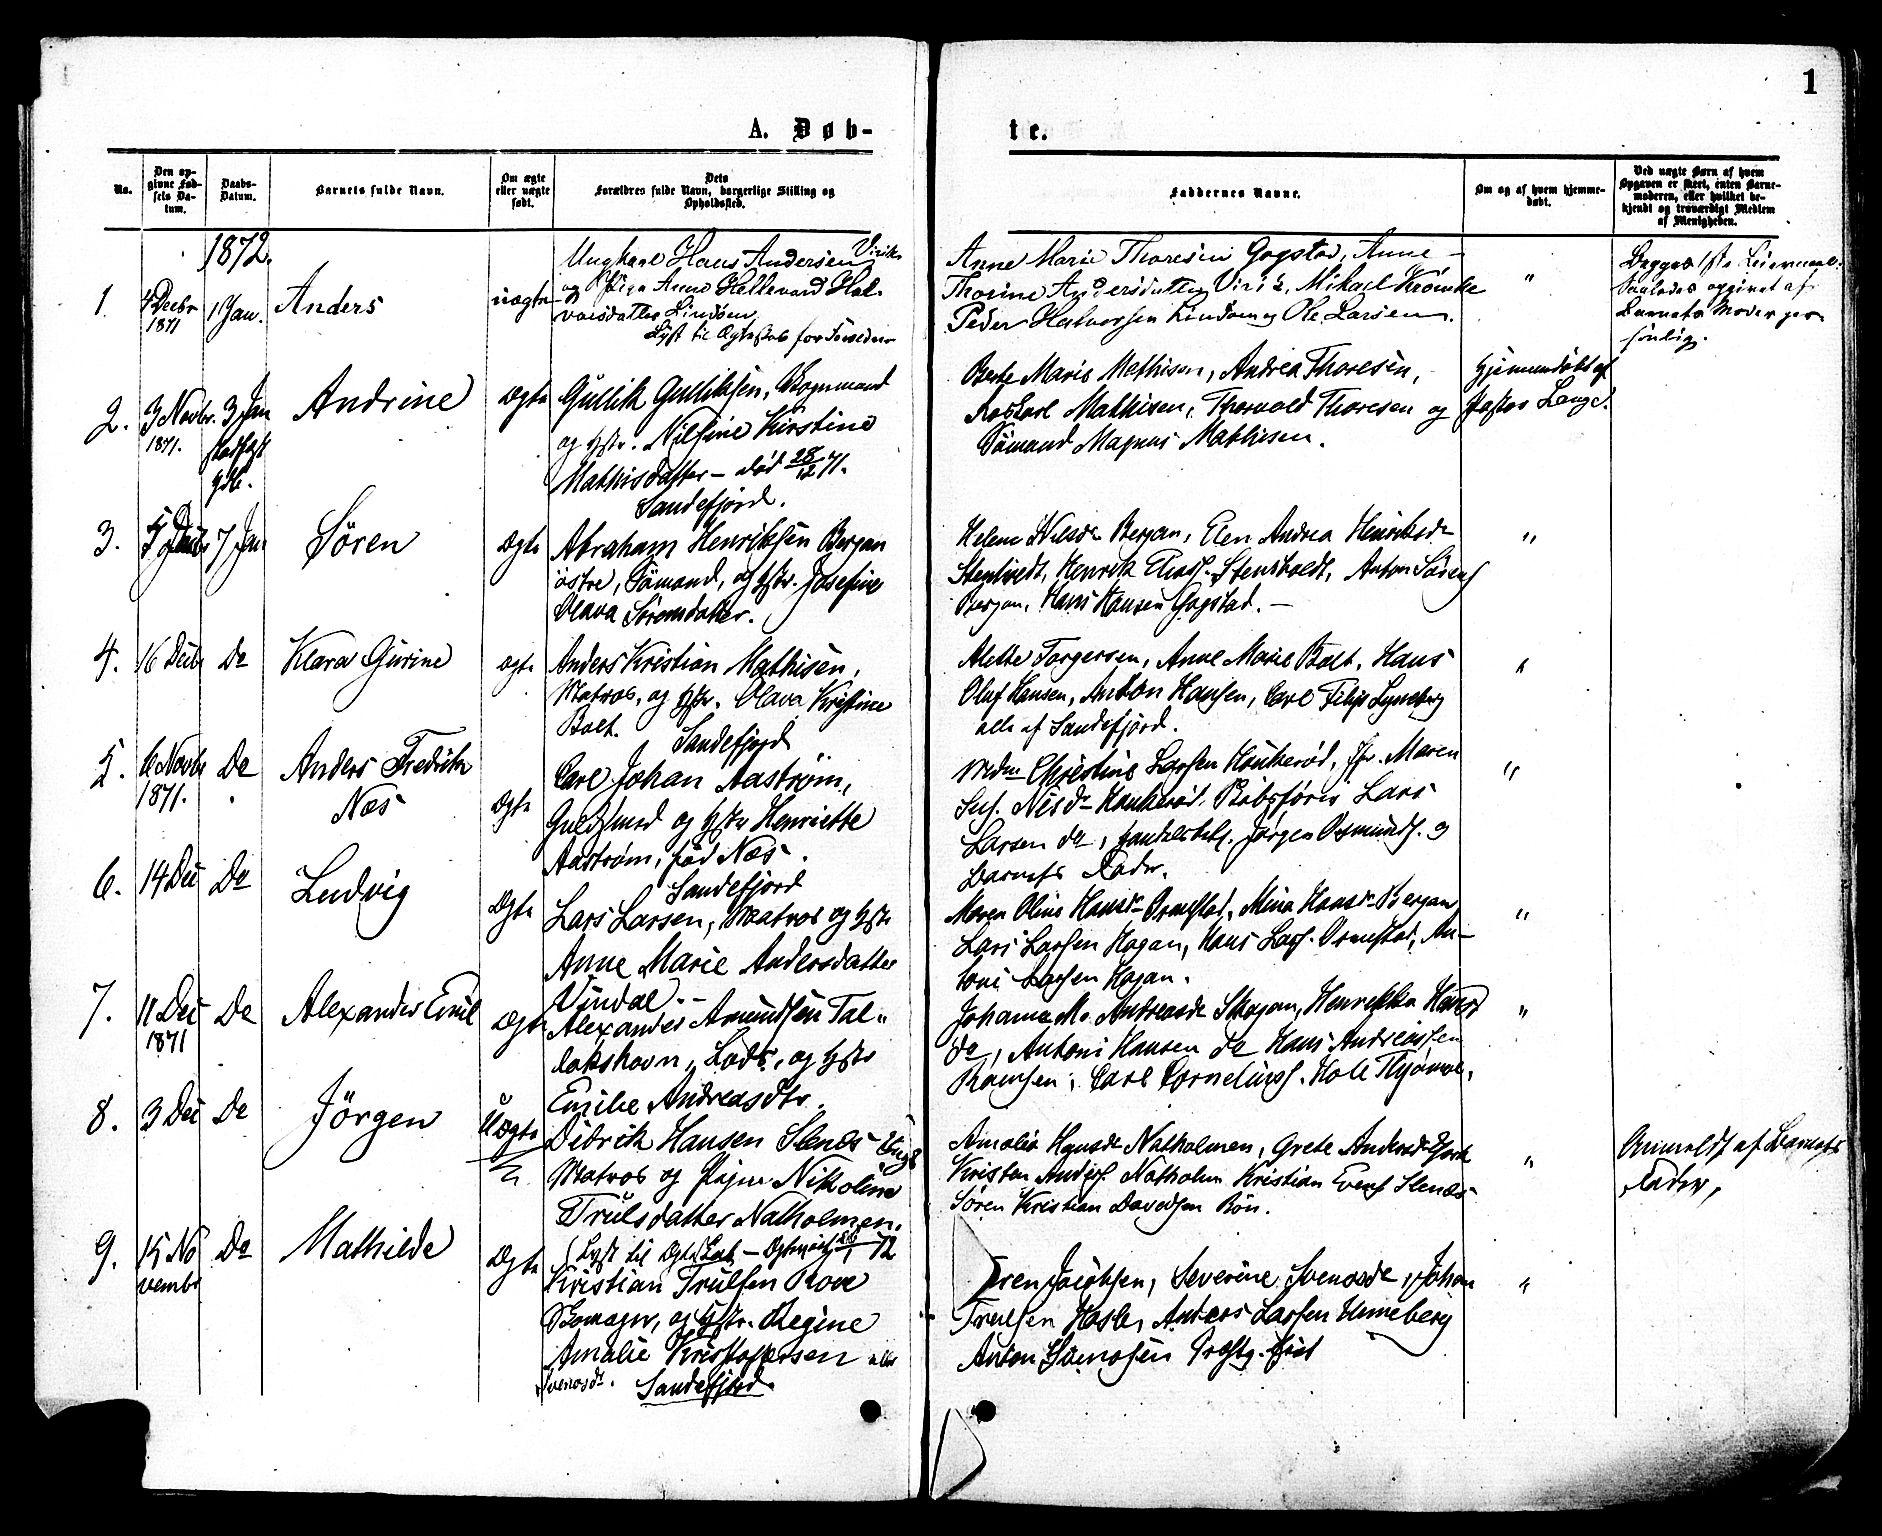 SAKO, Sandar kirkebøker, F/Fa/L0010: Ministerialbok nr. 10, 1872-1882, s. 1